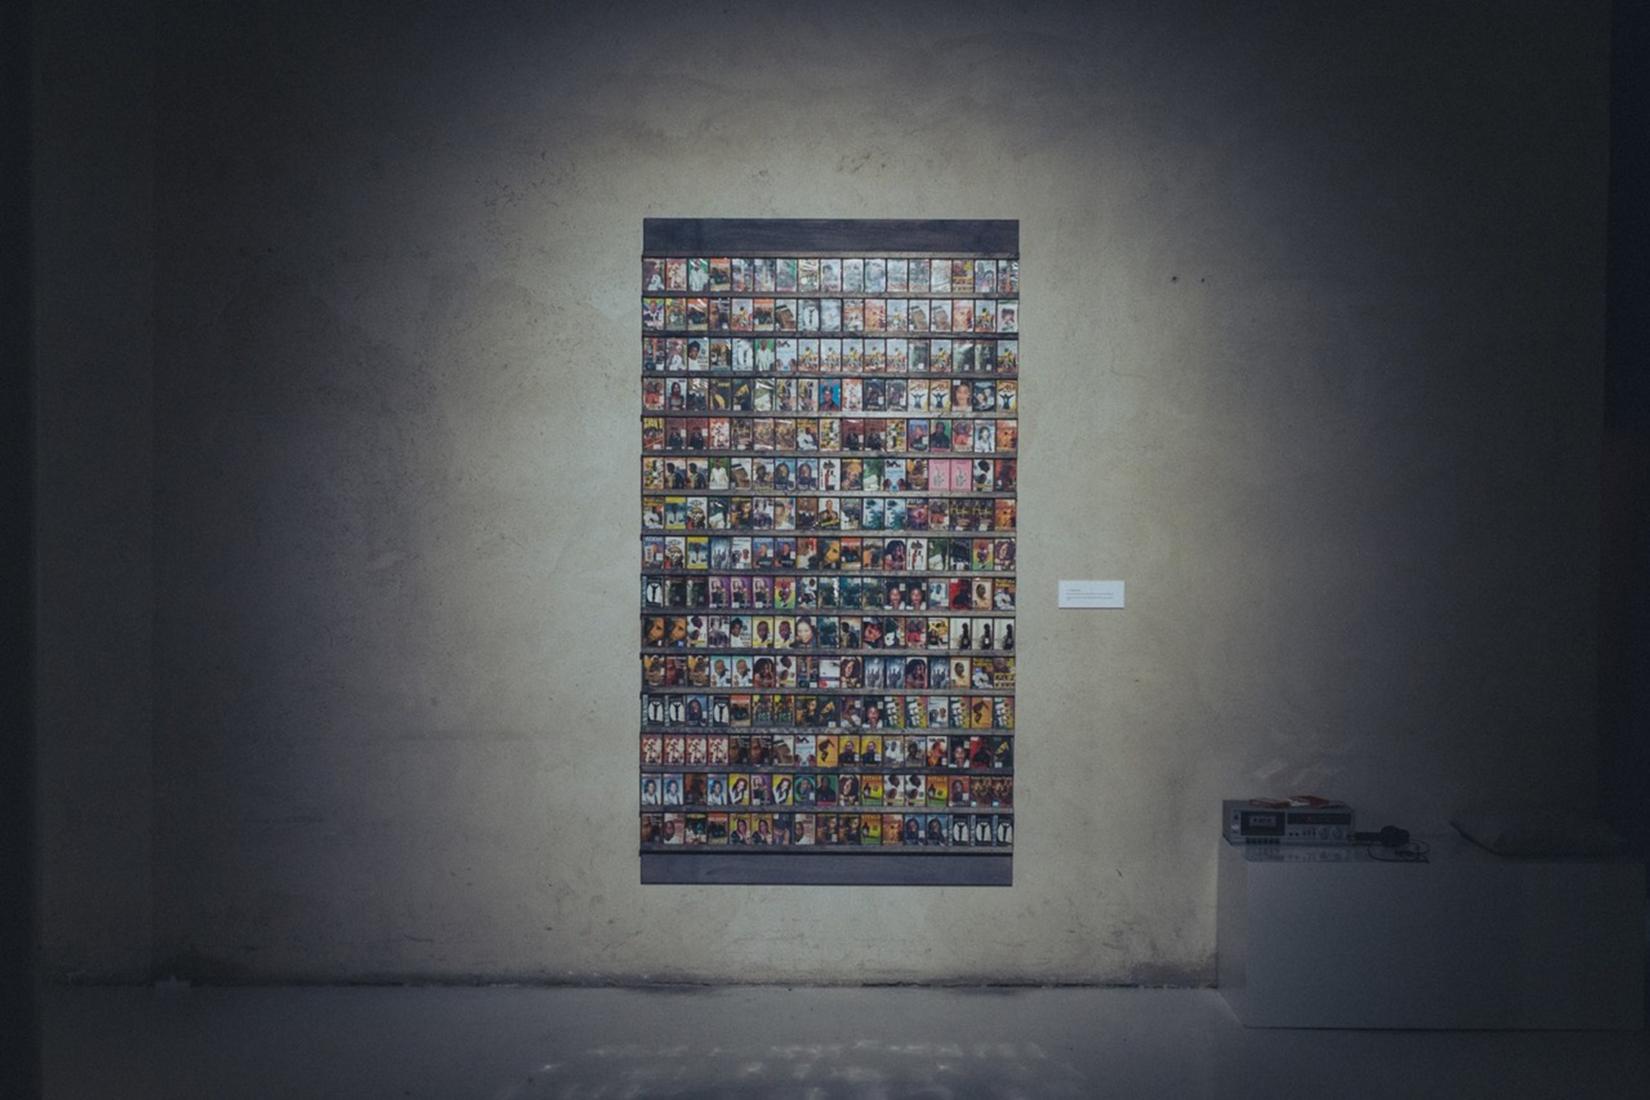 sur un mur de béton gris : ne oeuvre avec plein de petites photos